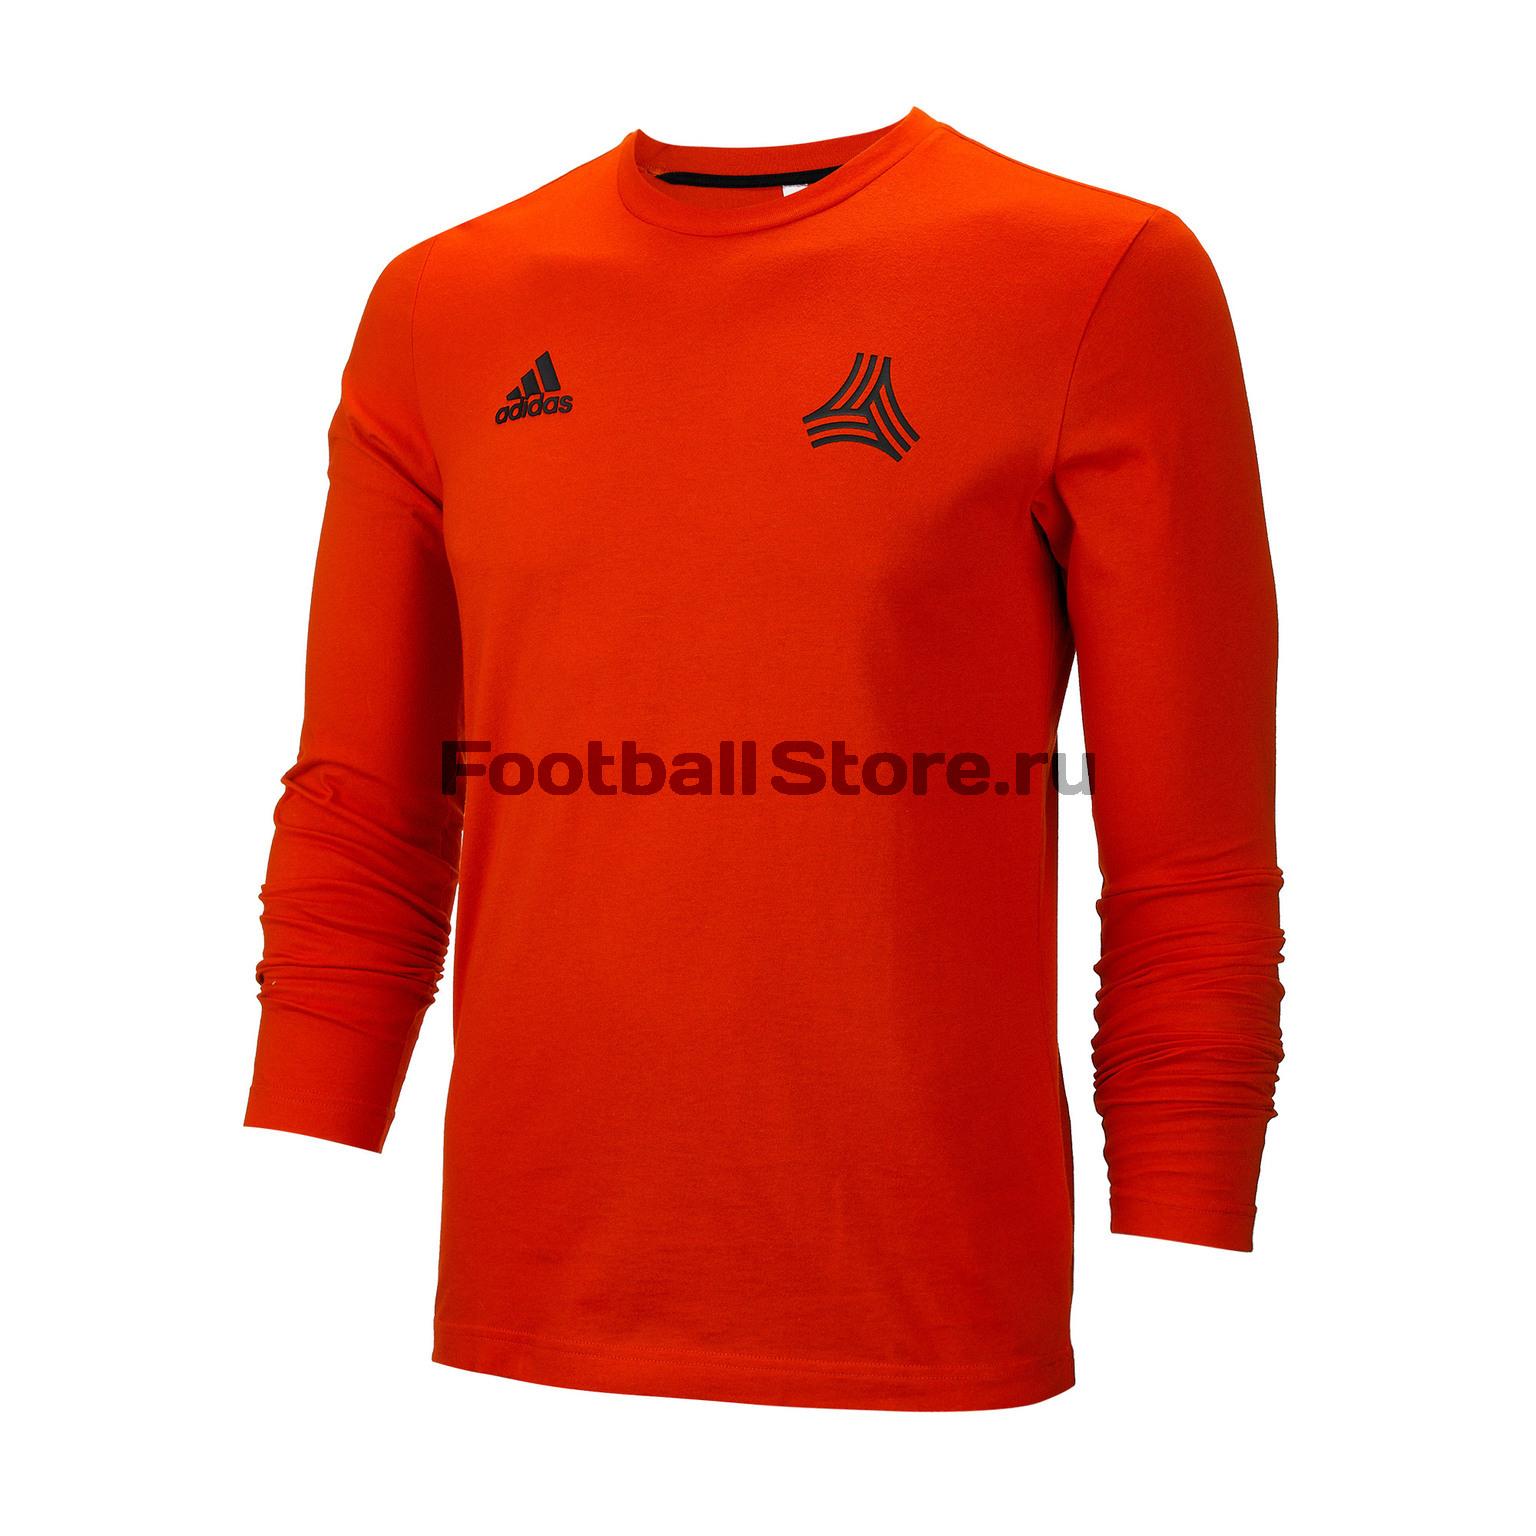 Футболка с длинным рукавом Adidas Tan Gr Tee LS DT9432